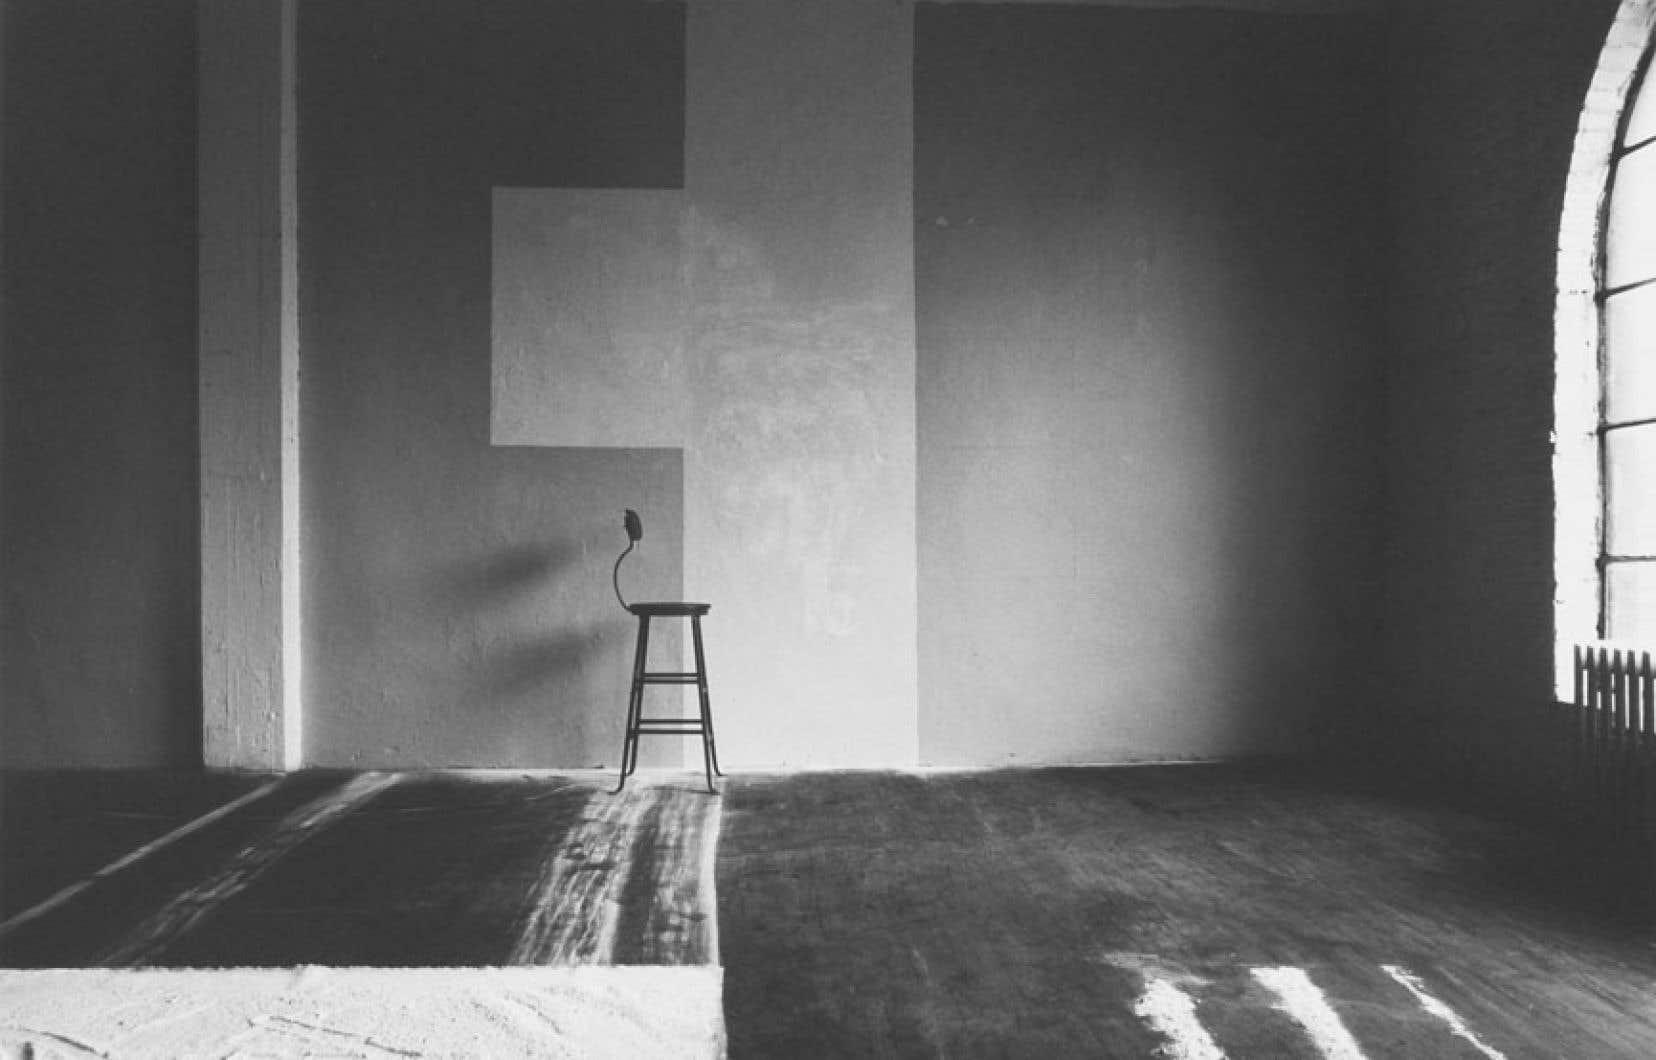 À la galerie Simon Blais d'abord puis à Occurrence et à Vox, l'événement Irene F. Whittome se décline en trois expos et une monographie aux éditions du Passage. Ici: l'œuvre Room 901 no 27.